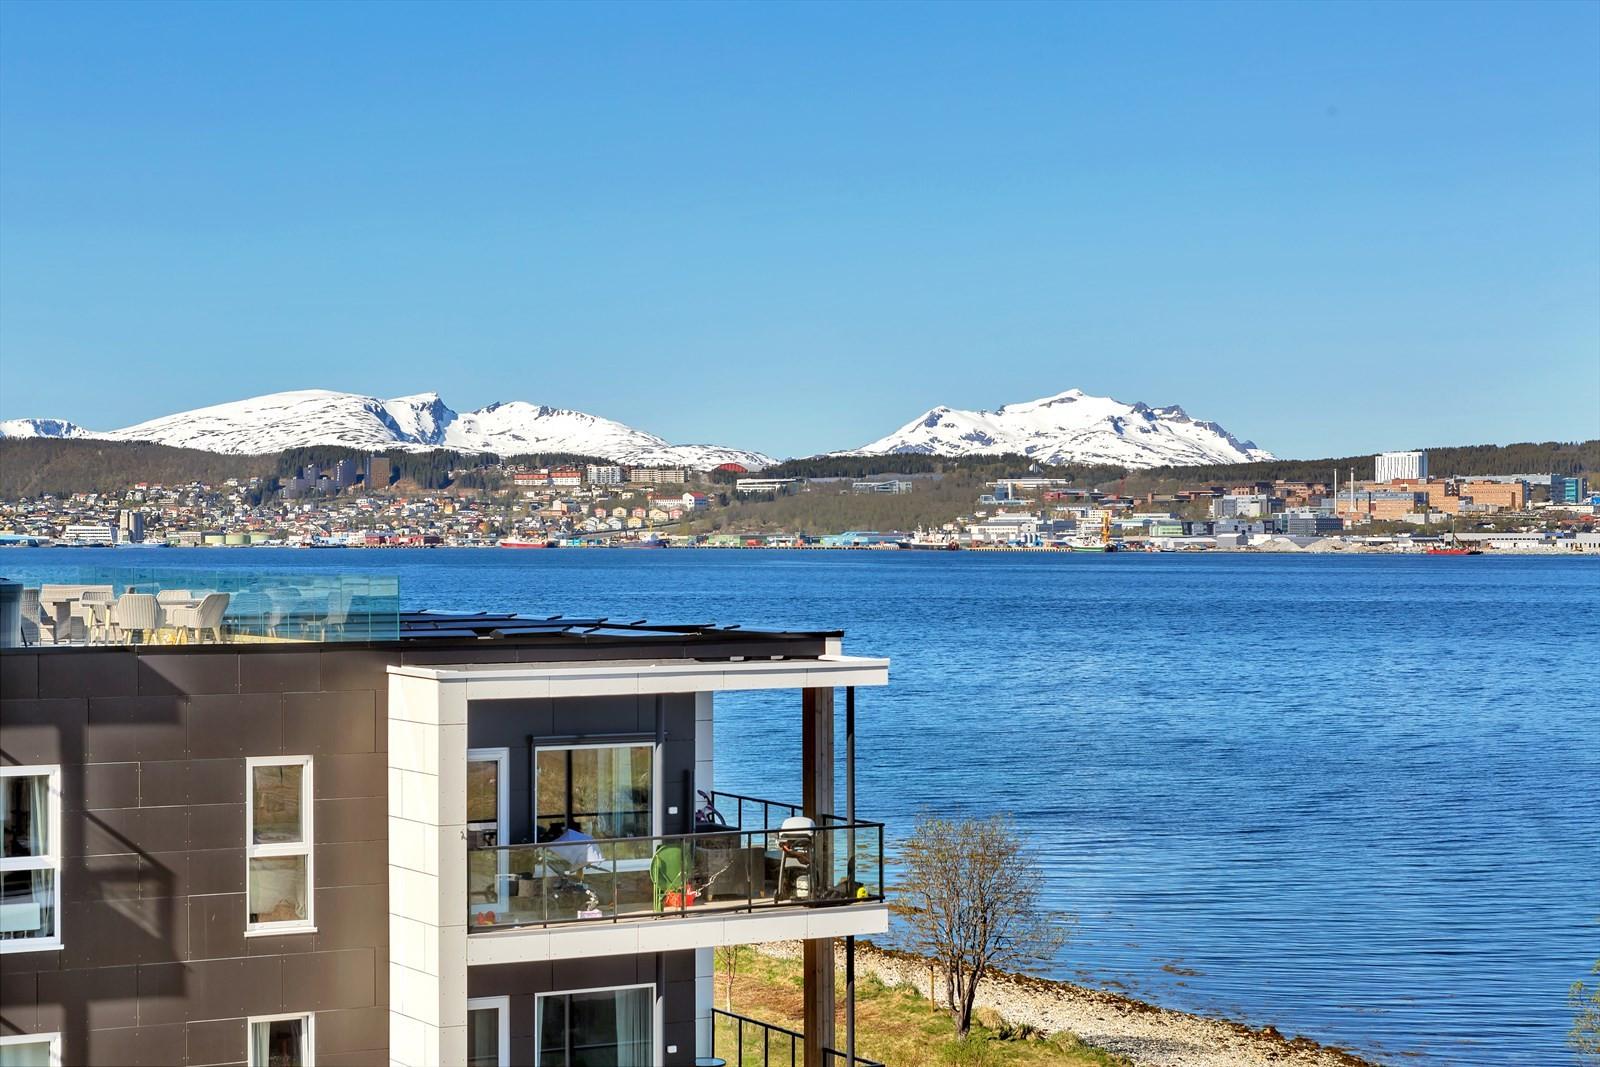 Nydelig utsikt mot deler av Tromsøya og Tromsøysundet!